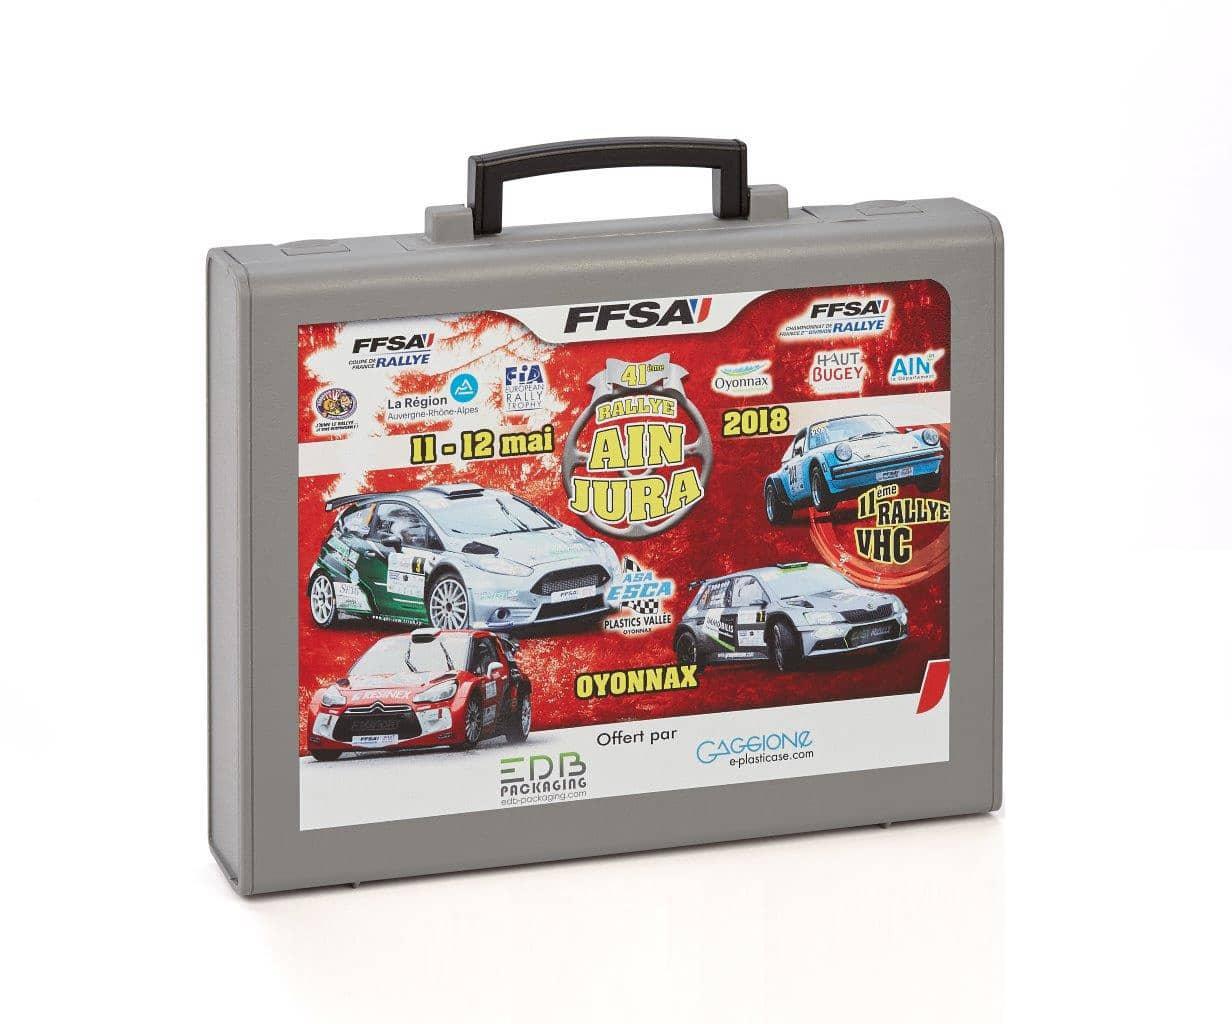 M1-automobile-valisettes-plastique-FFSA-voiture